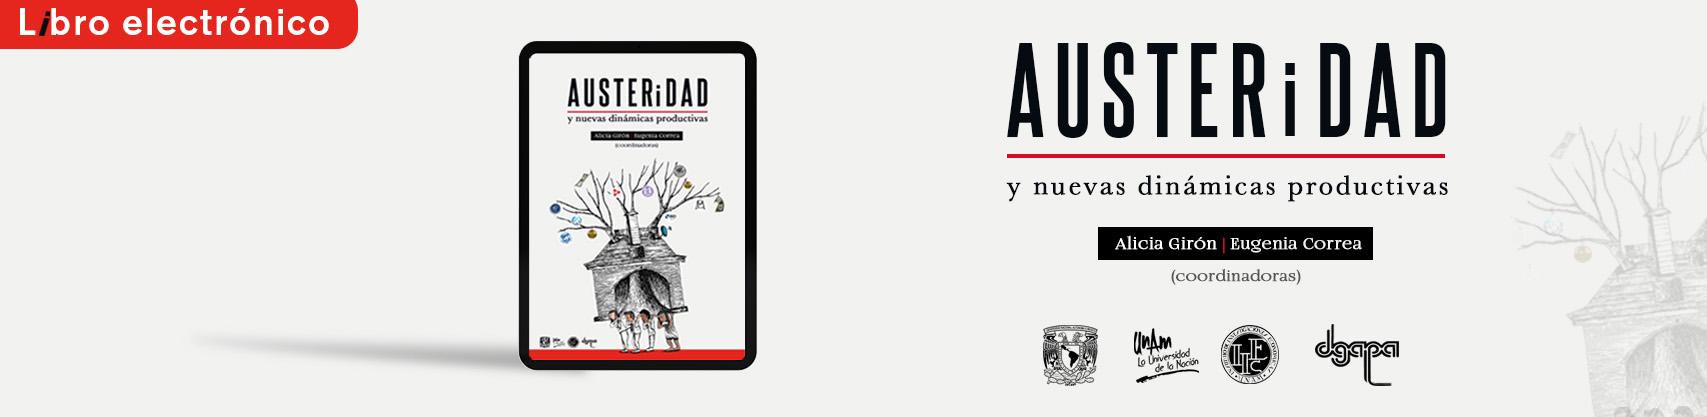 Libro: Austeridad